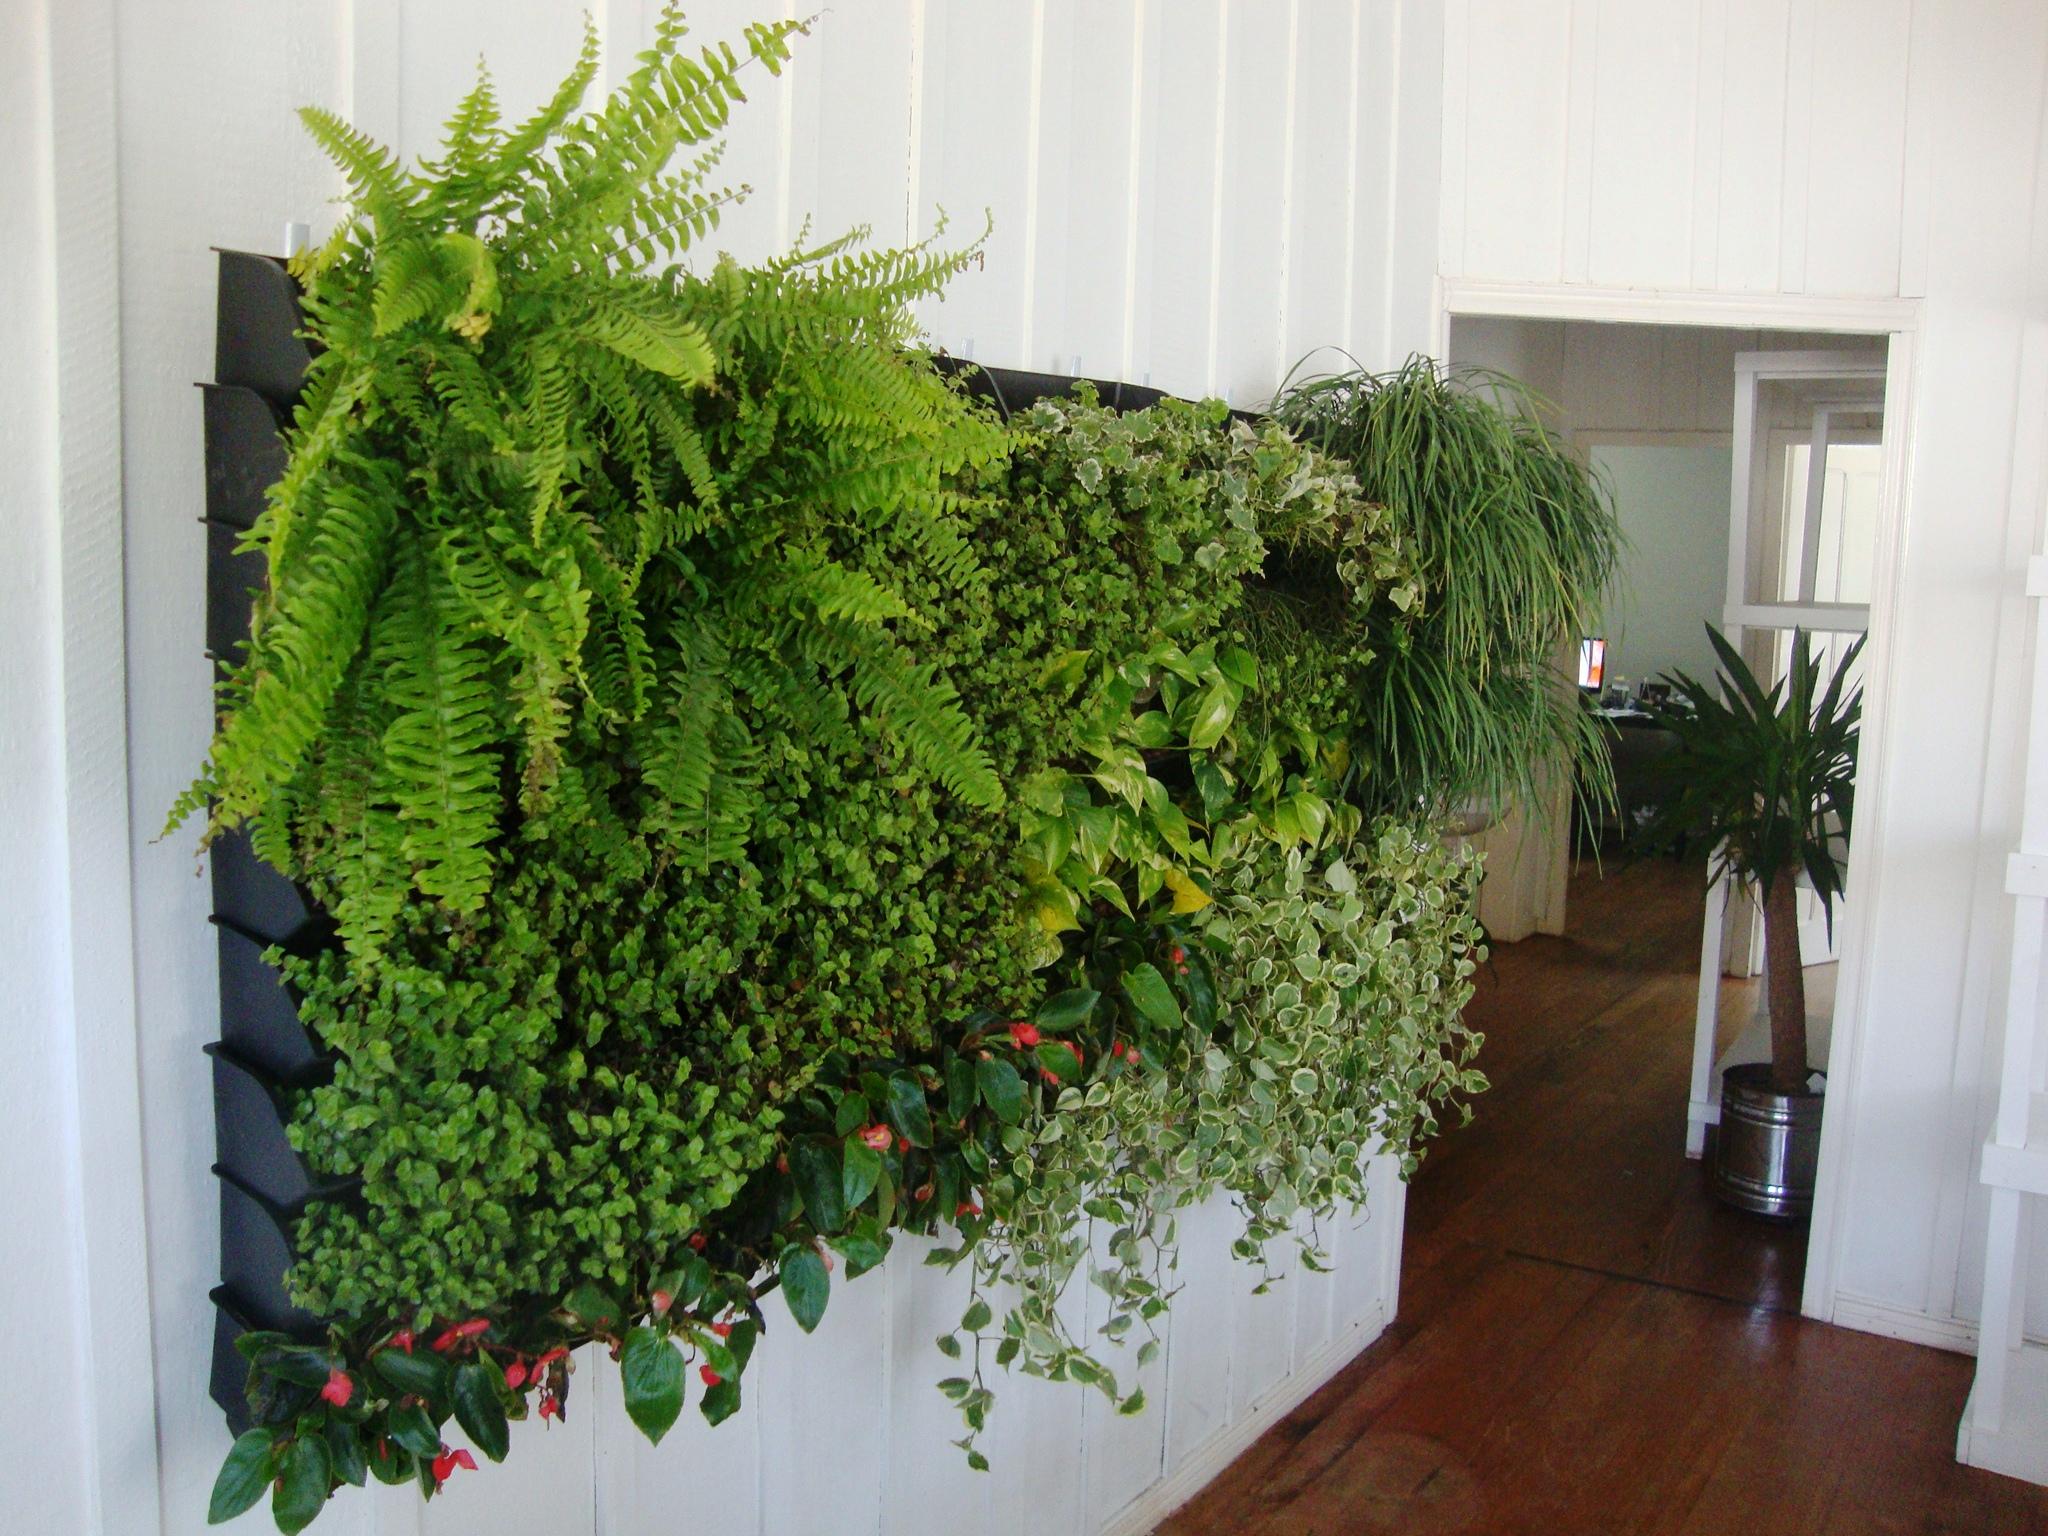 flores de jardim fotos e nomesNomes de plantas para jardim